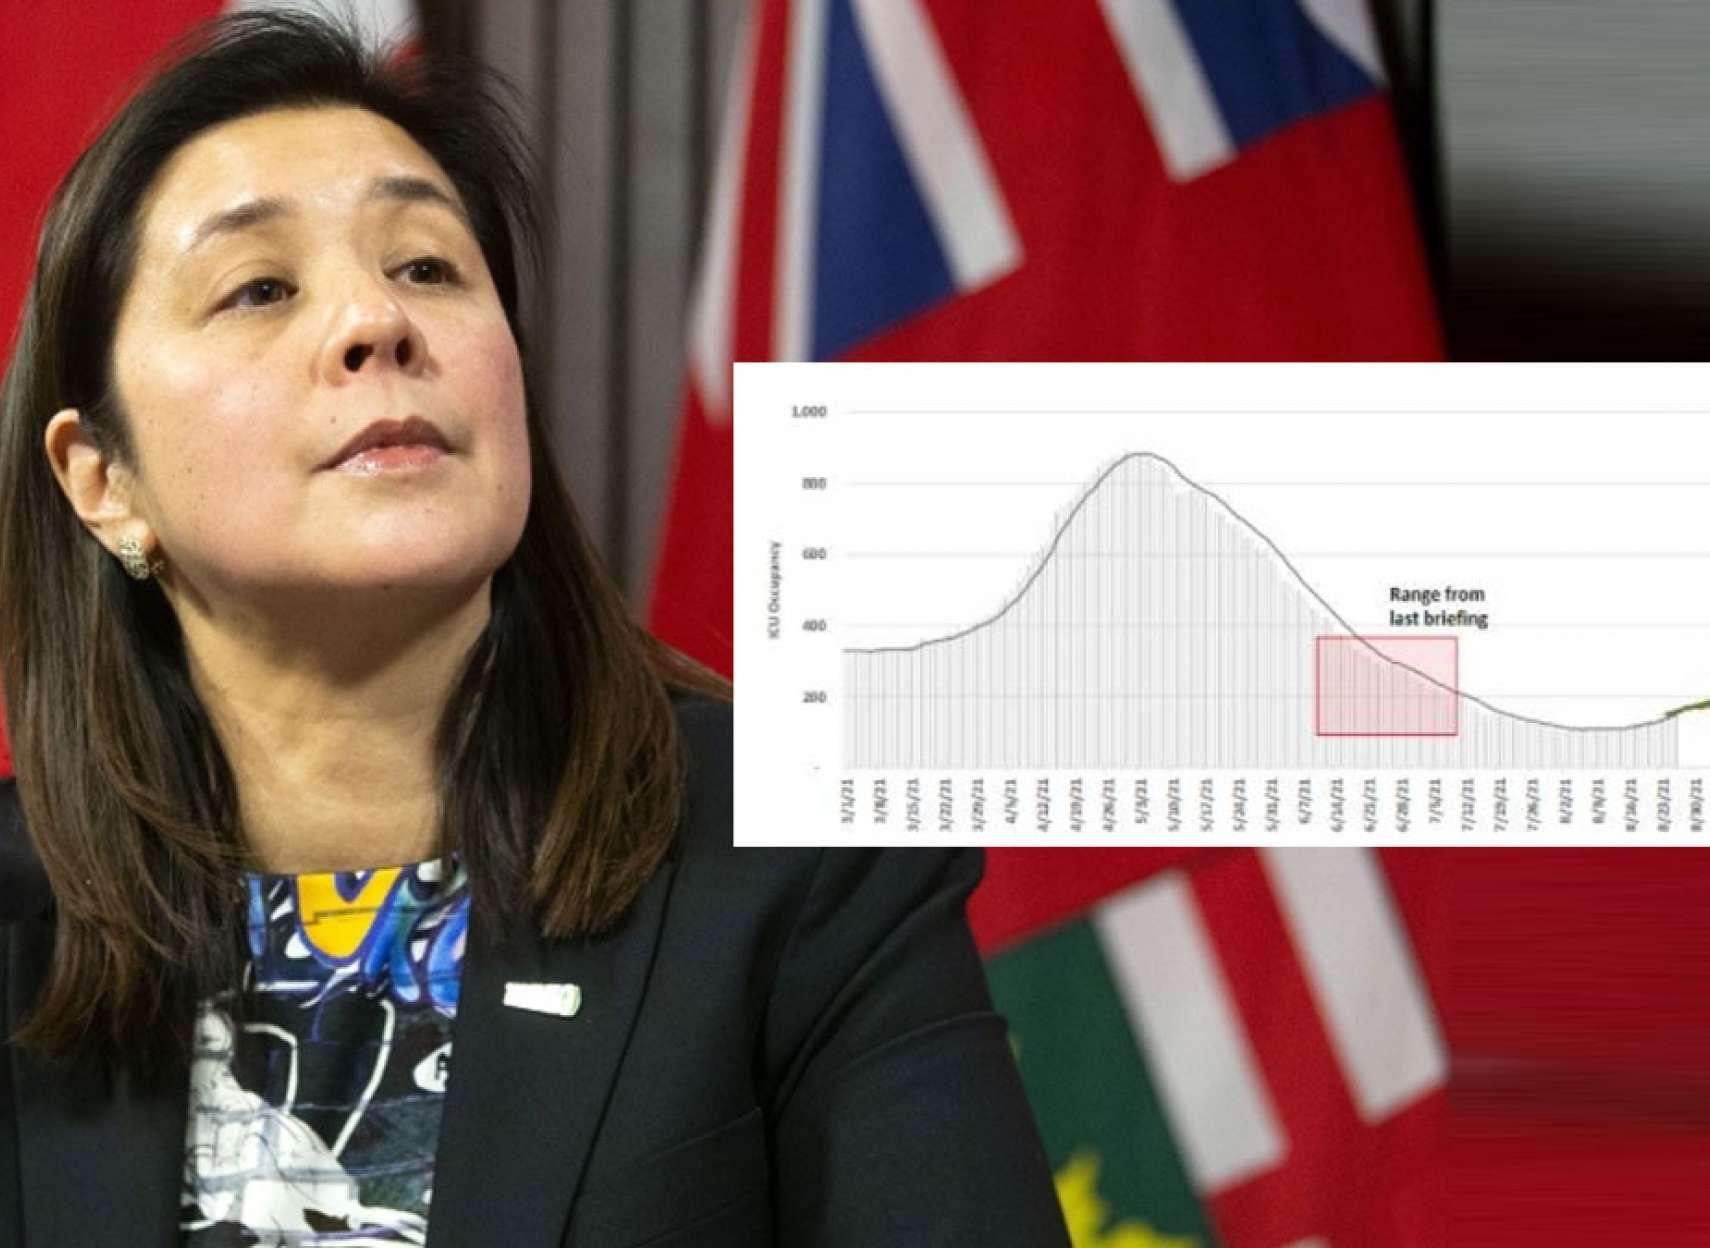 خبر-تورنتو-یواشکی-اعلان-شد-موج-چهارم-دلتا-در-انتاریو-ممکن-است-روزانه-۹۰۰۰-نفر-را-کرونایی-کند